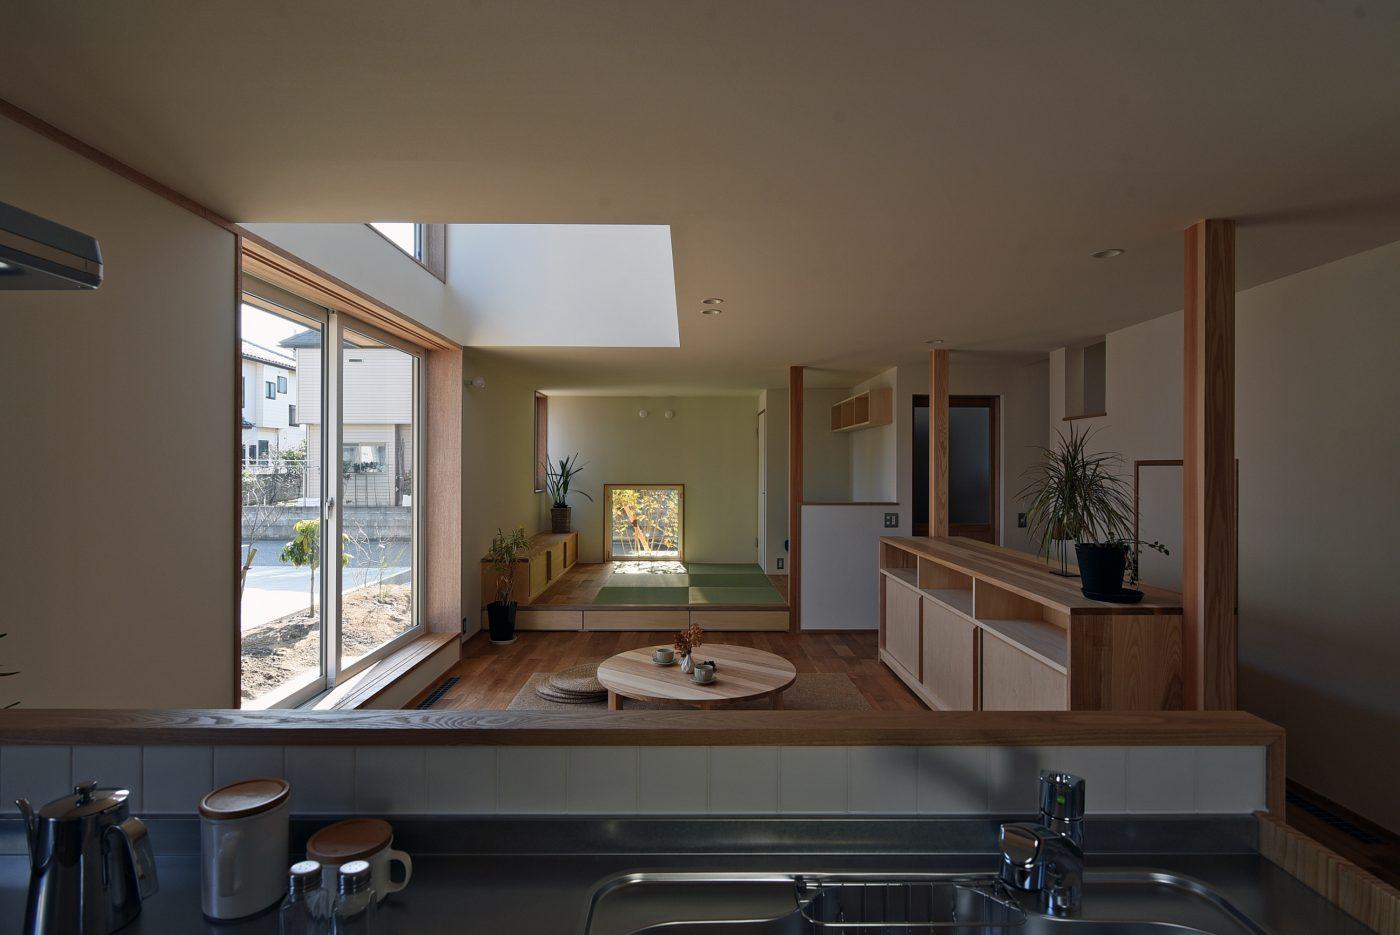 まちに潤いをもたらす、杉板の家「上新栄町の家」